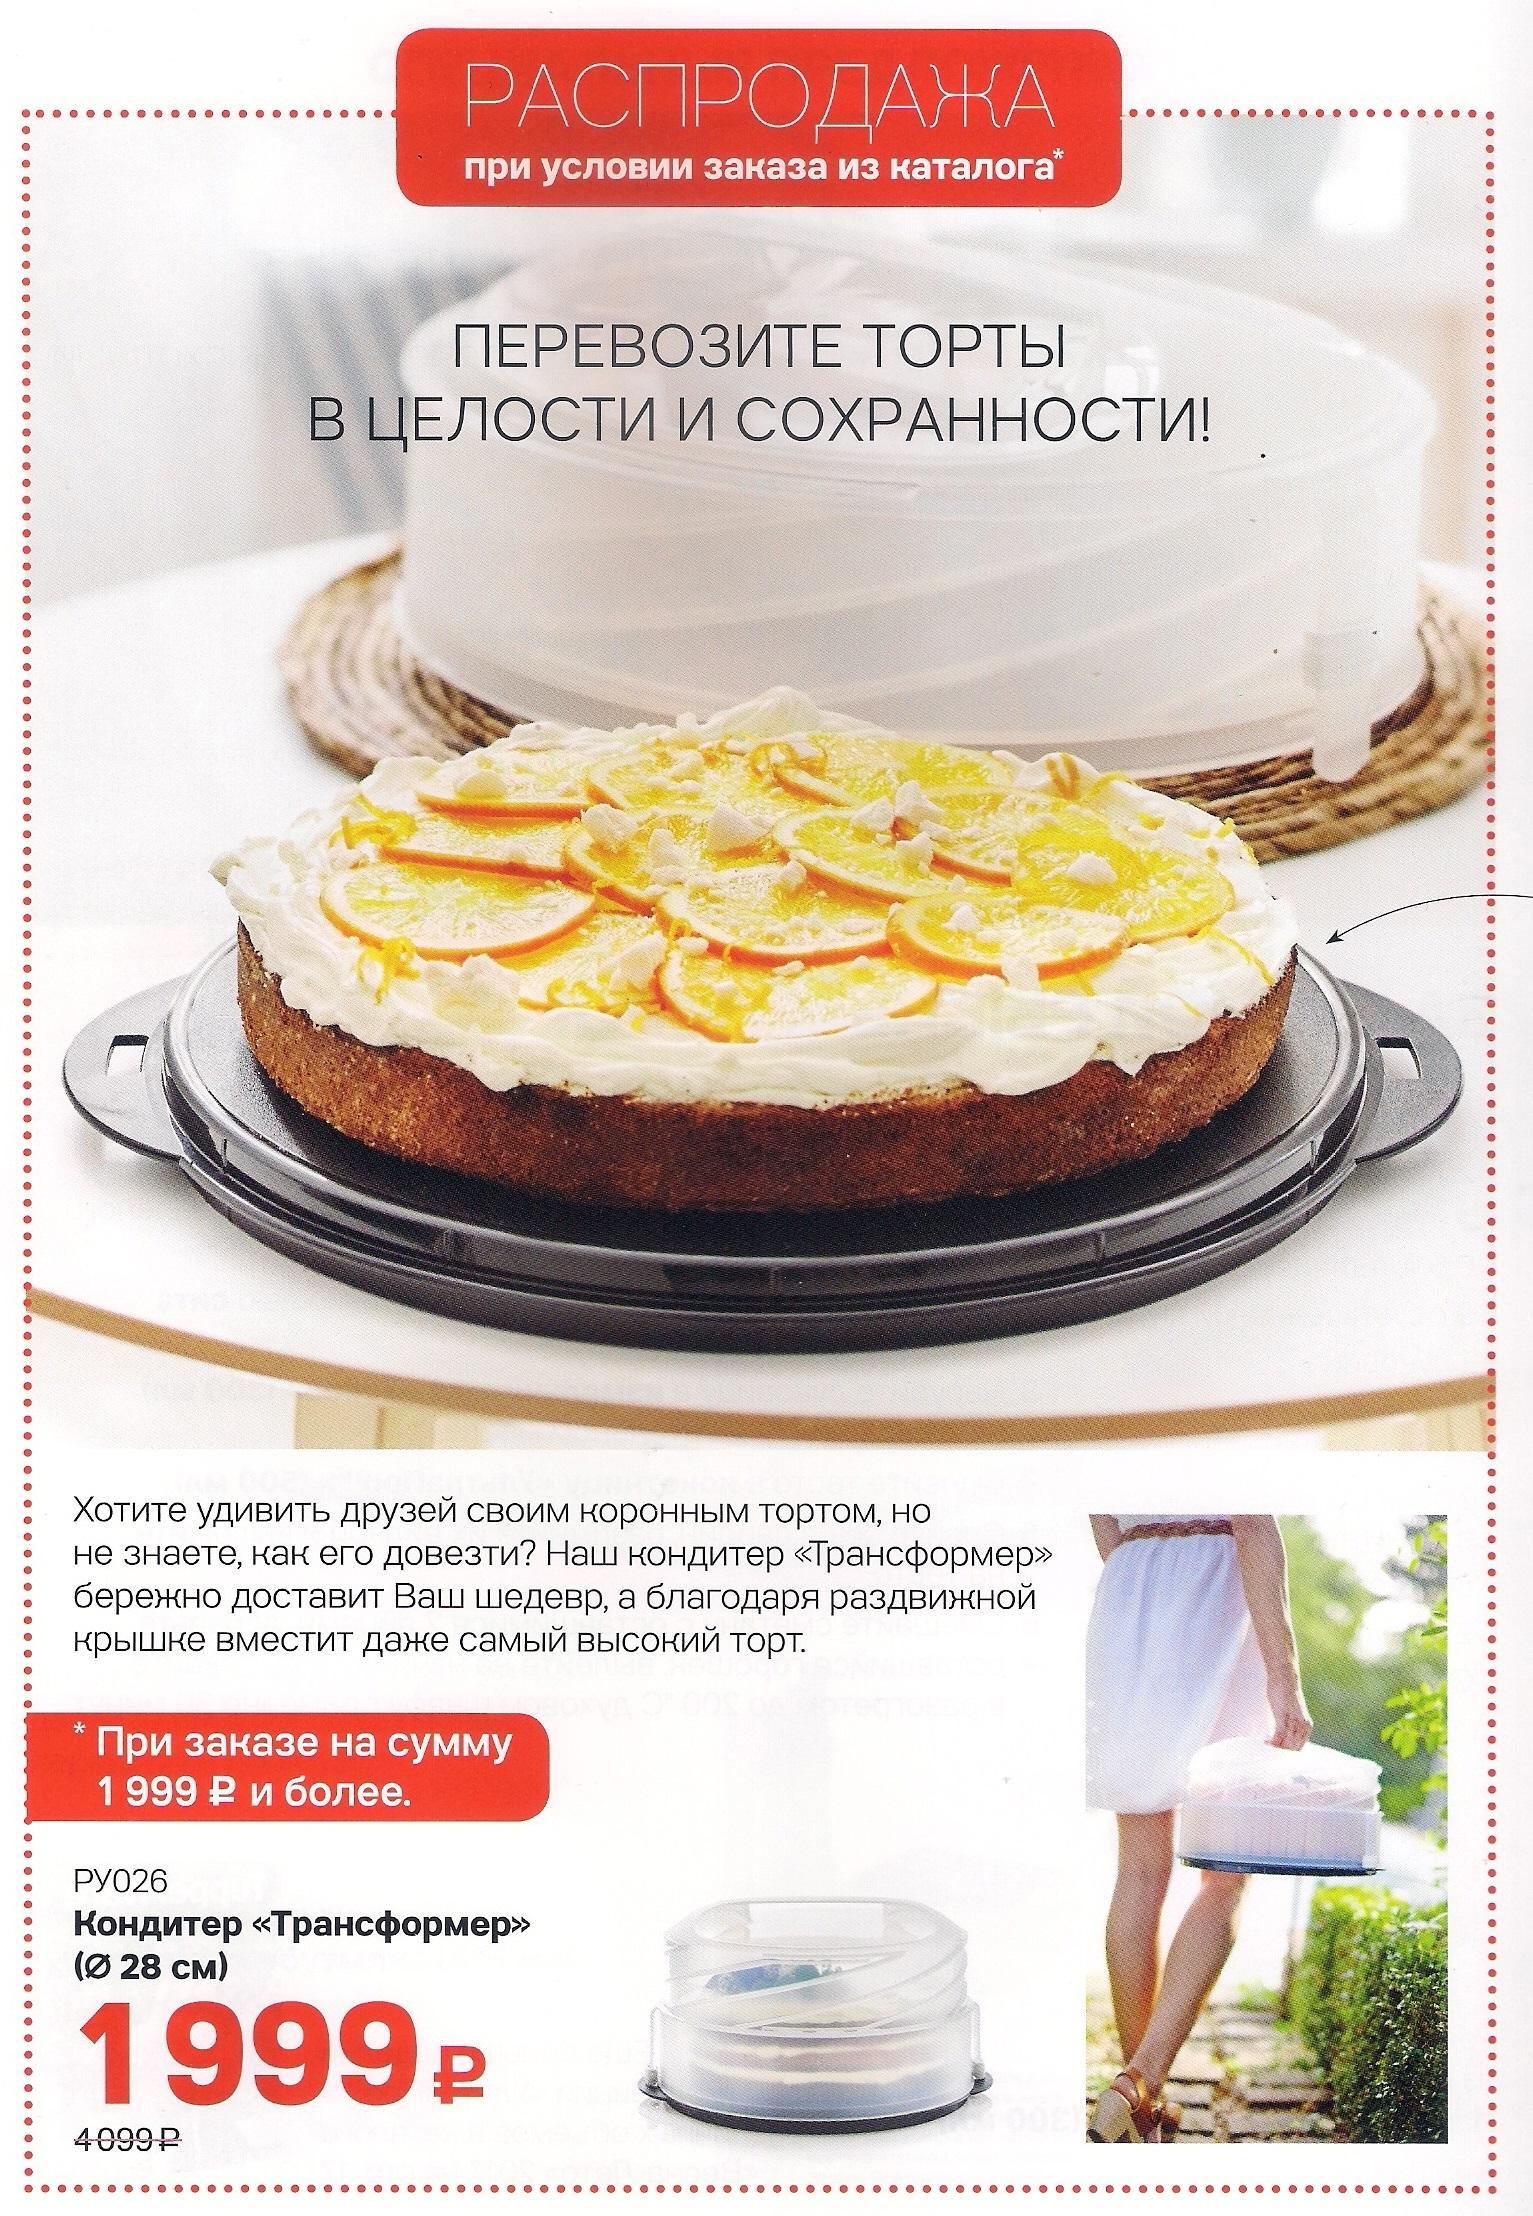 http://tupperware-online.ru/images/upload/8n.jpg